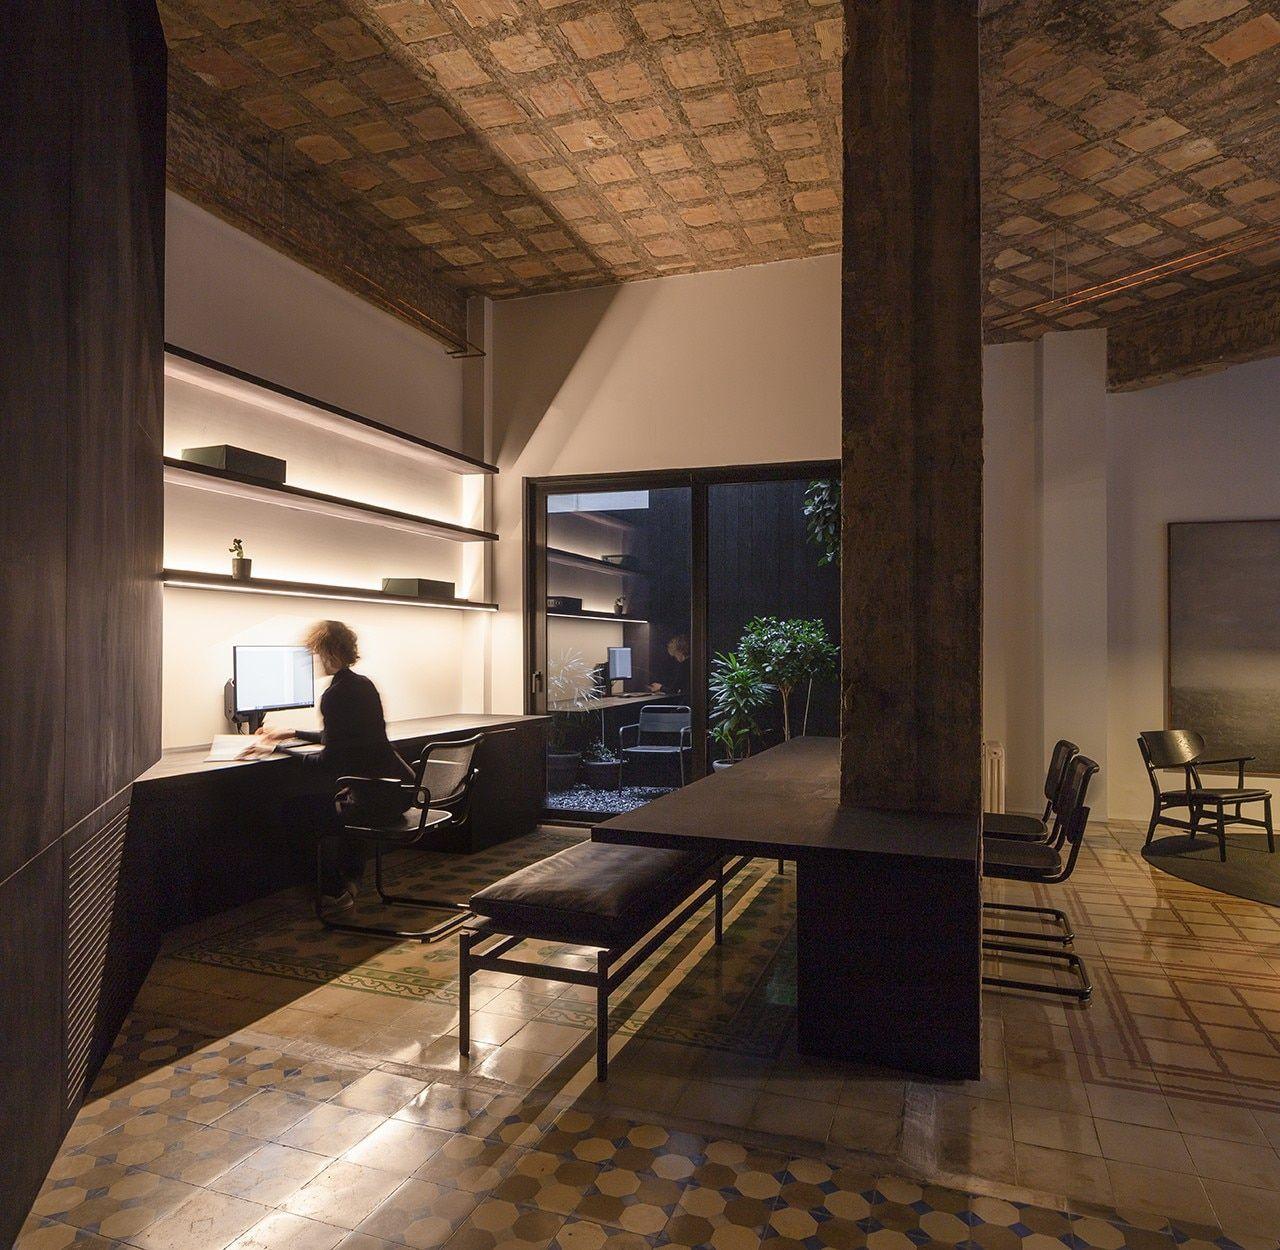 Francesc Rifé Studio enhances historical traces in